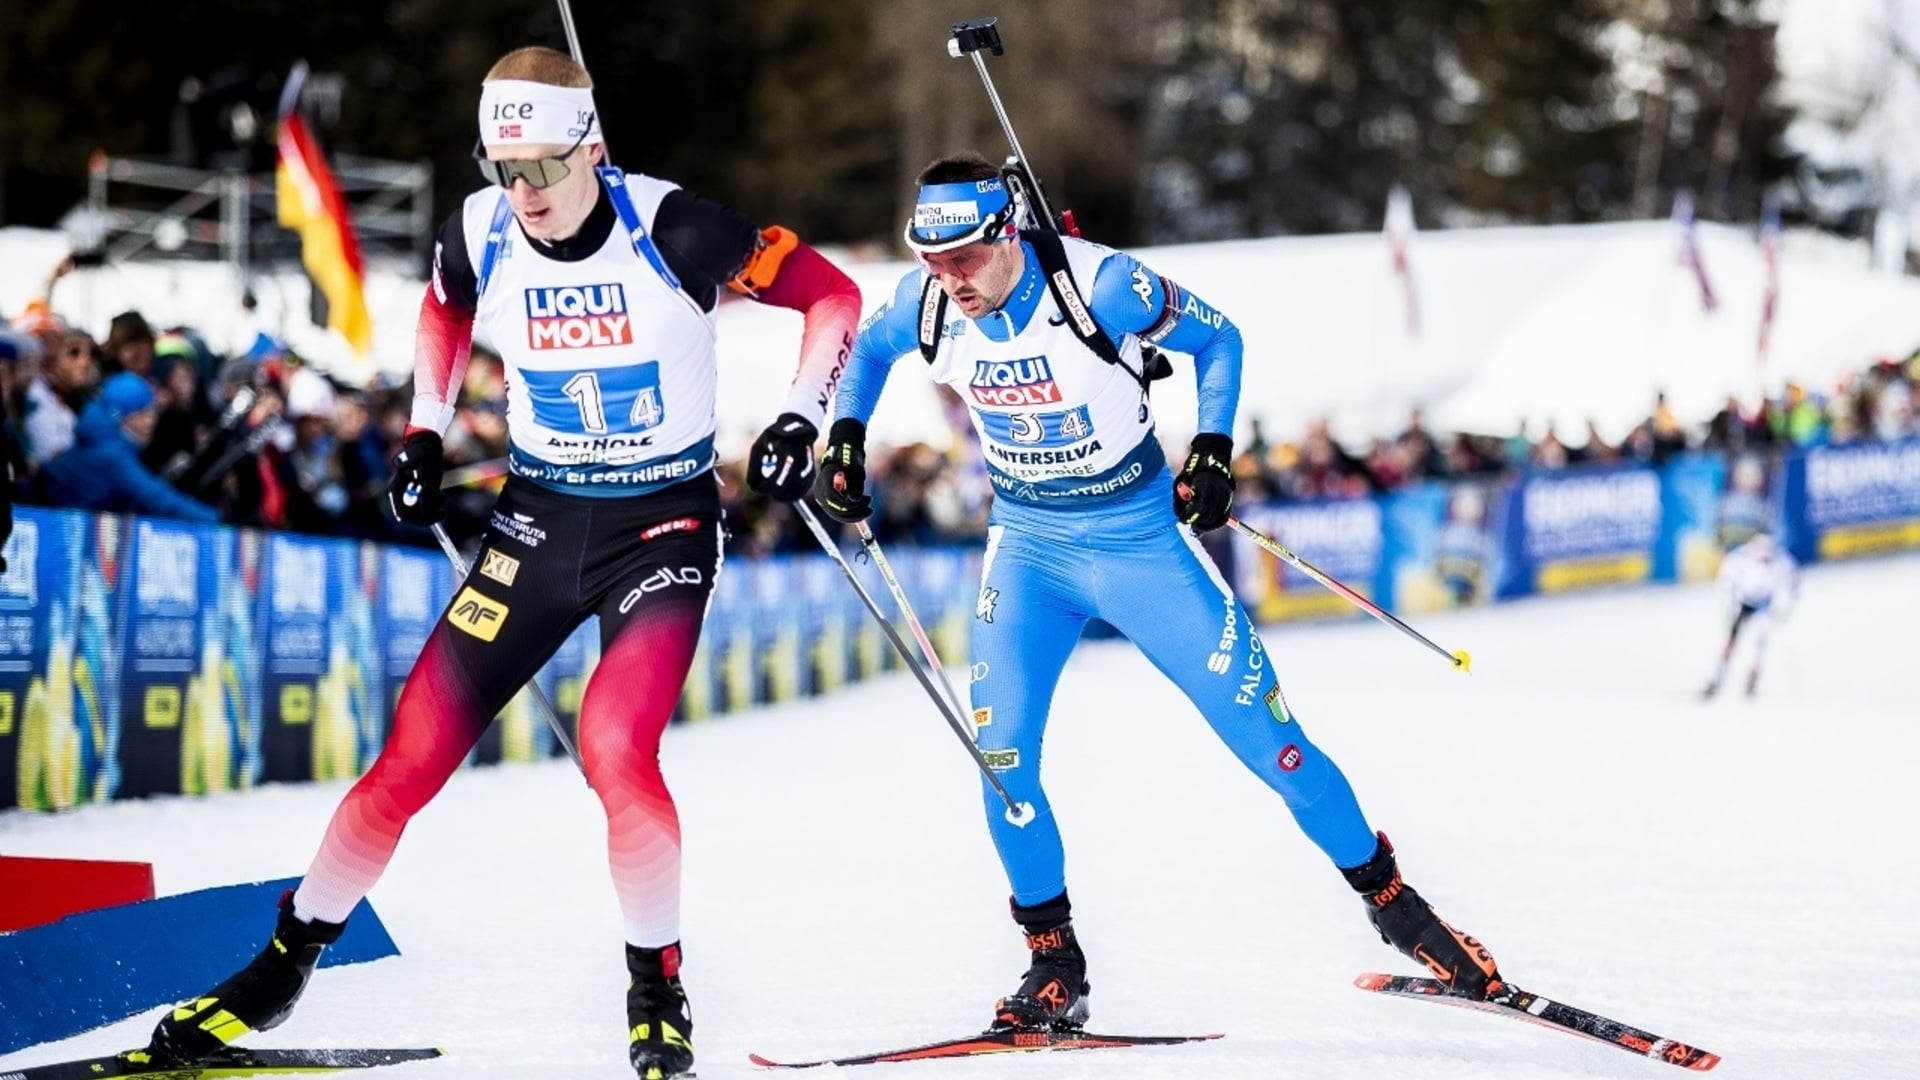 14.02.2020 - Tanti favoriti nella Sprint maschile